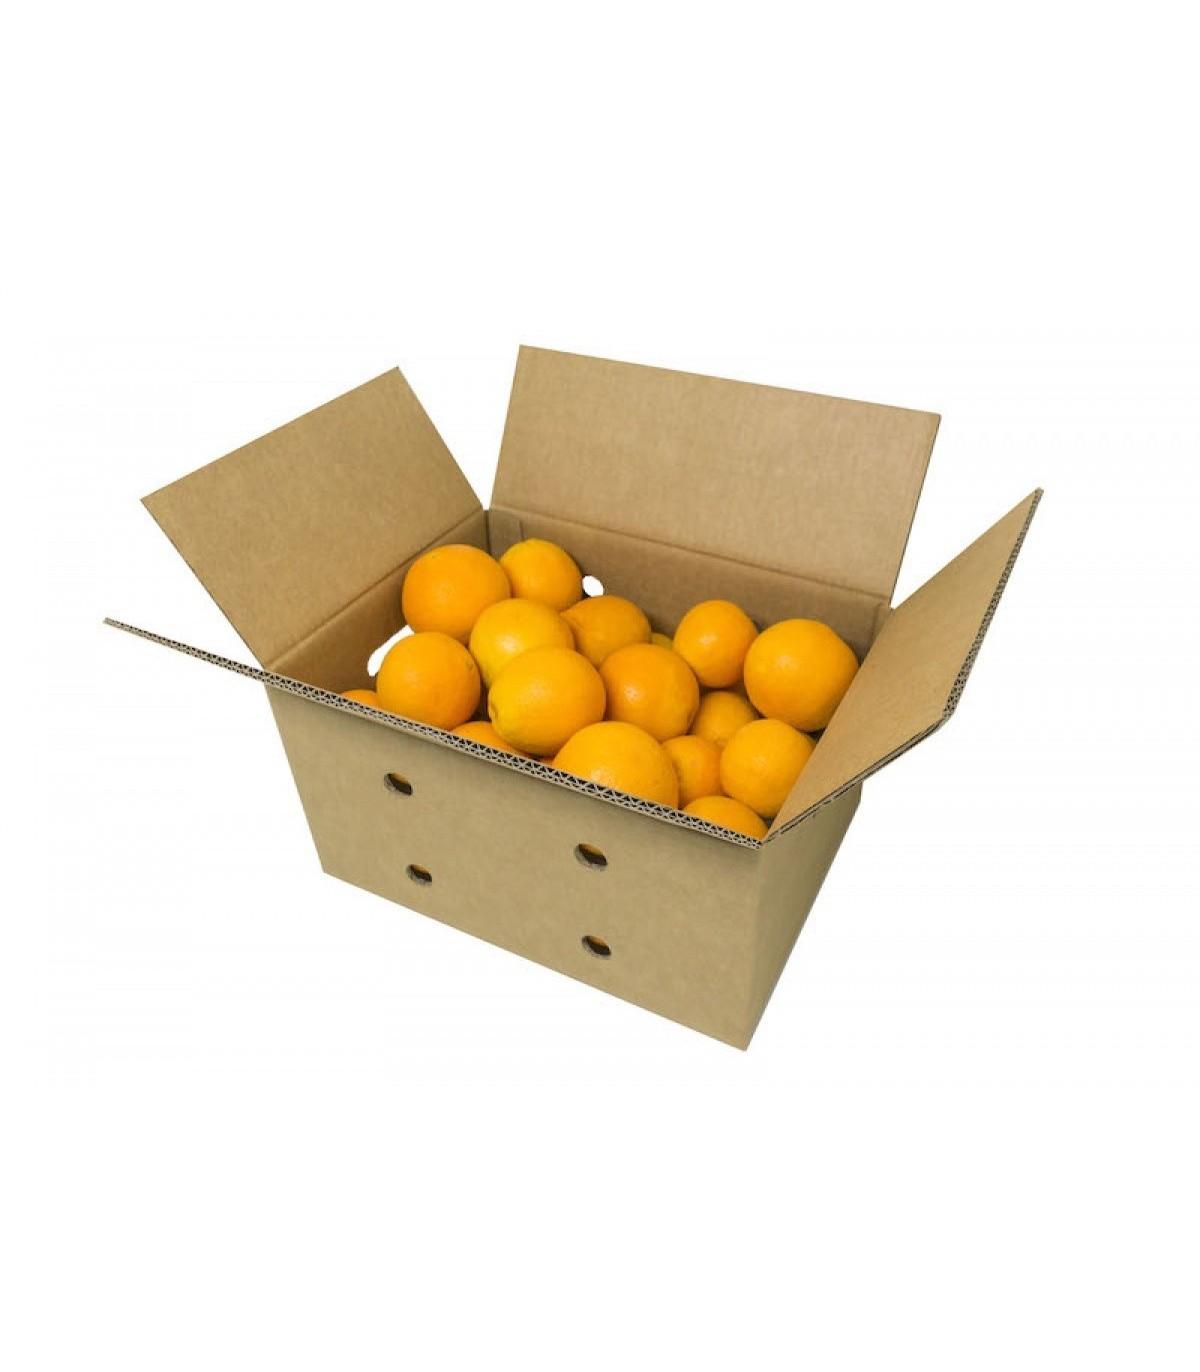 Caja de cart n para fruta grande caja agricultura - Cajas de madera para fruta ...